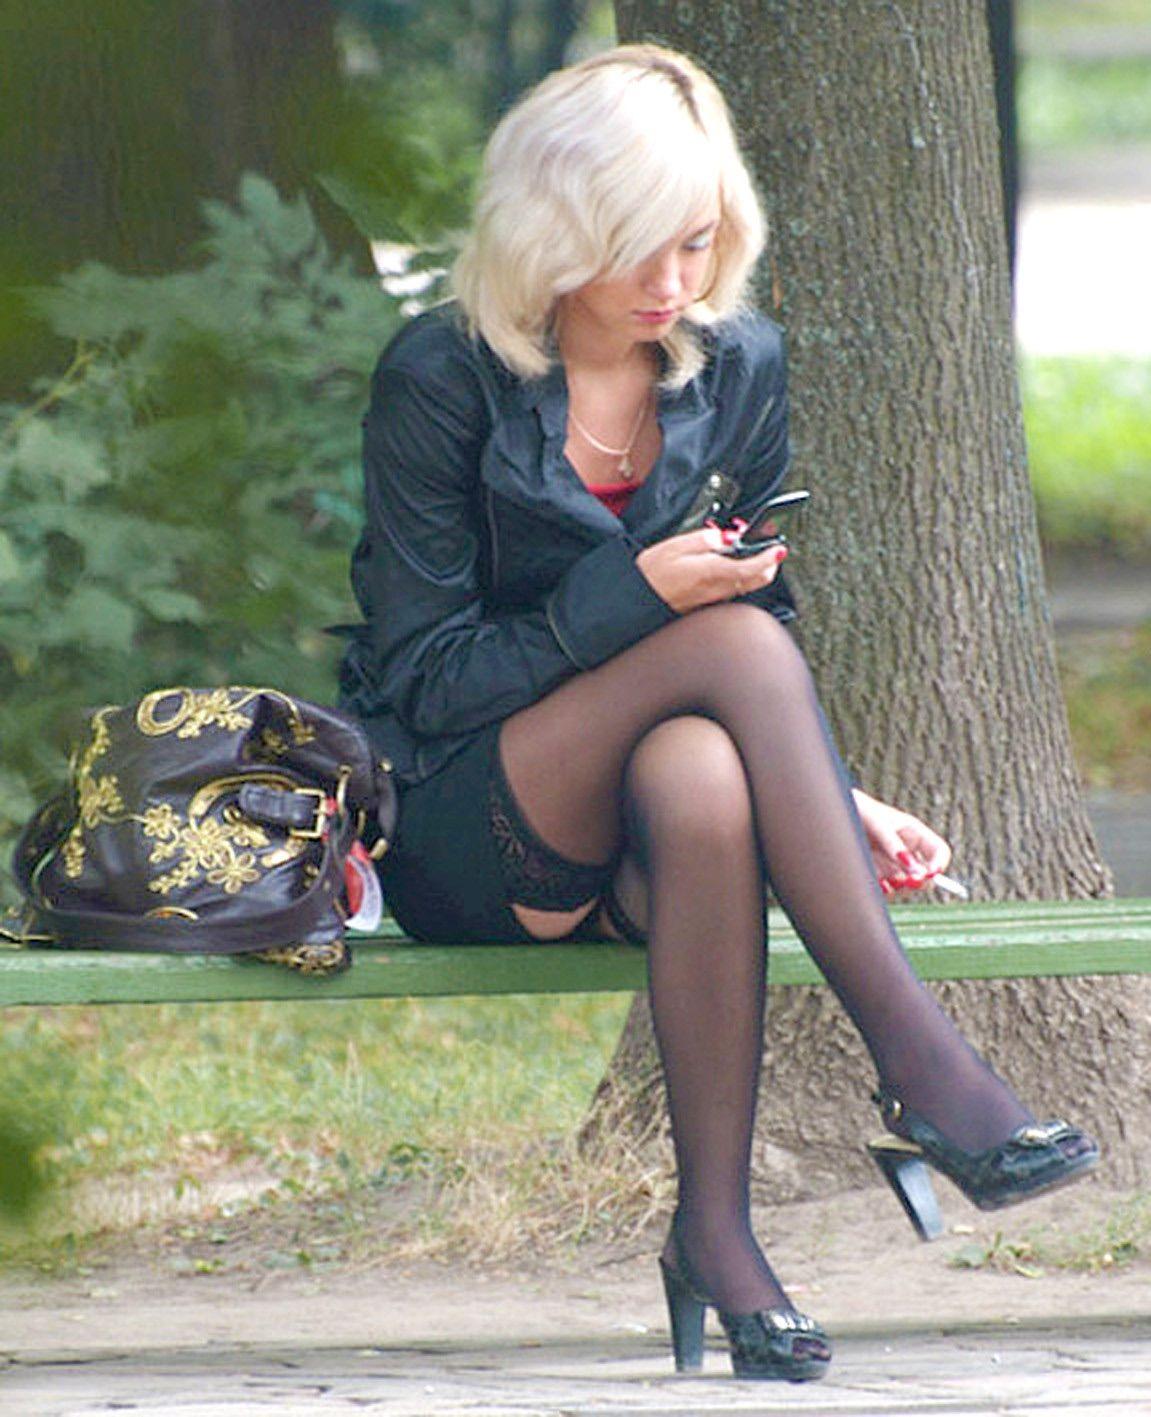 фото женщины в колготках на улице показывают пизду